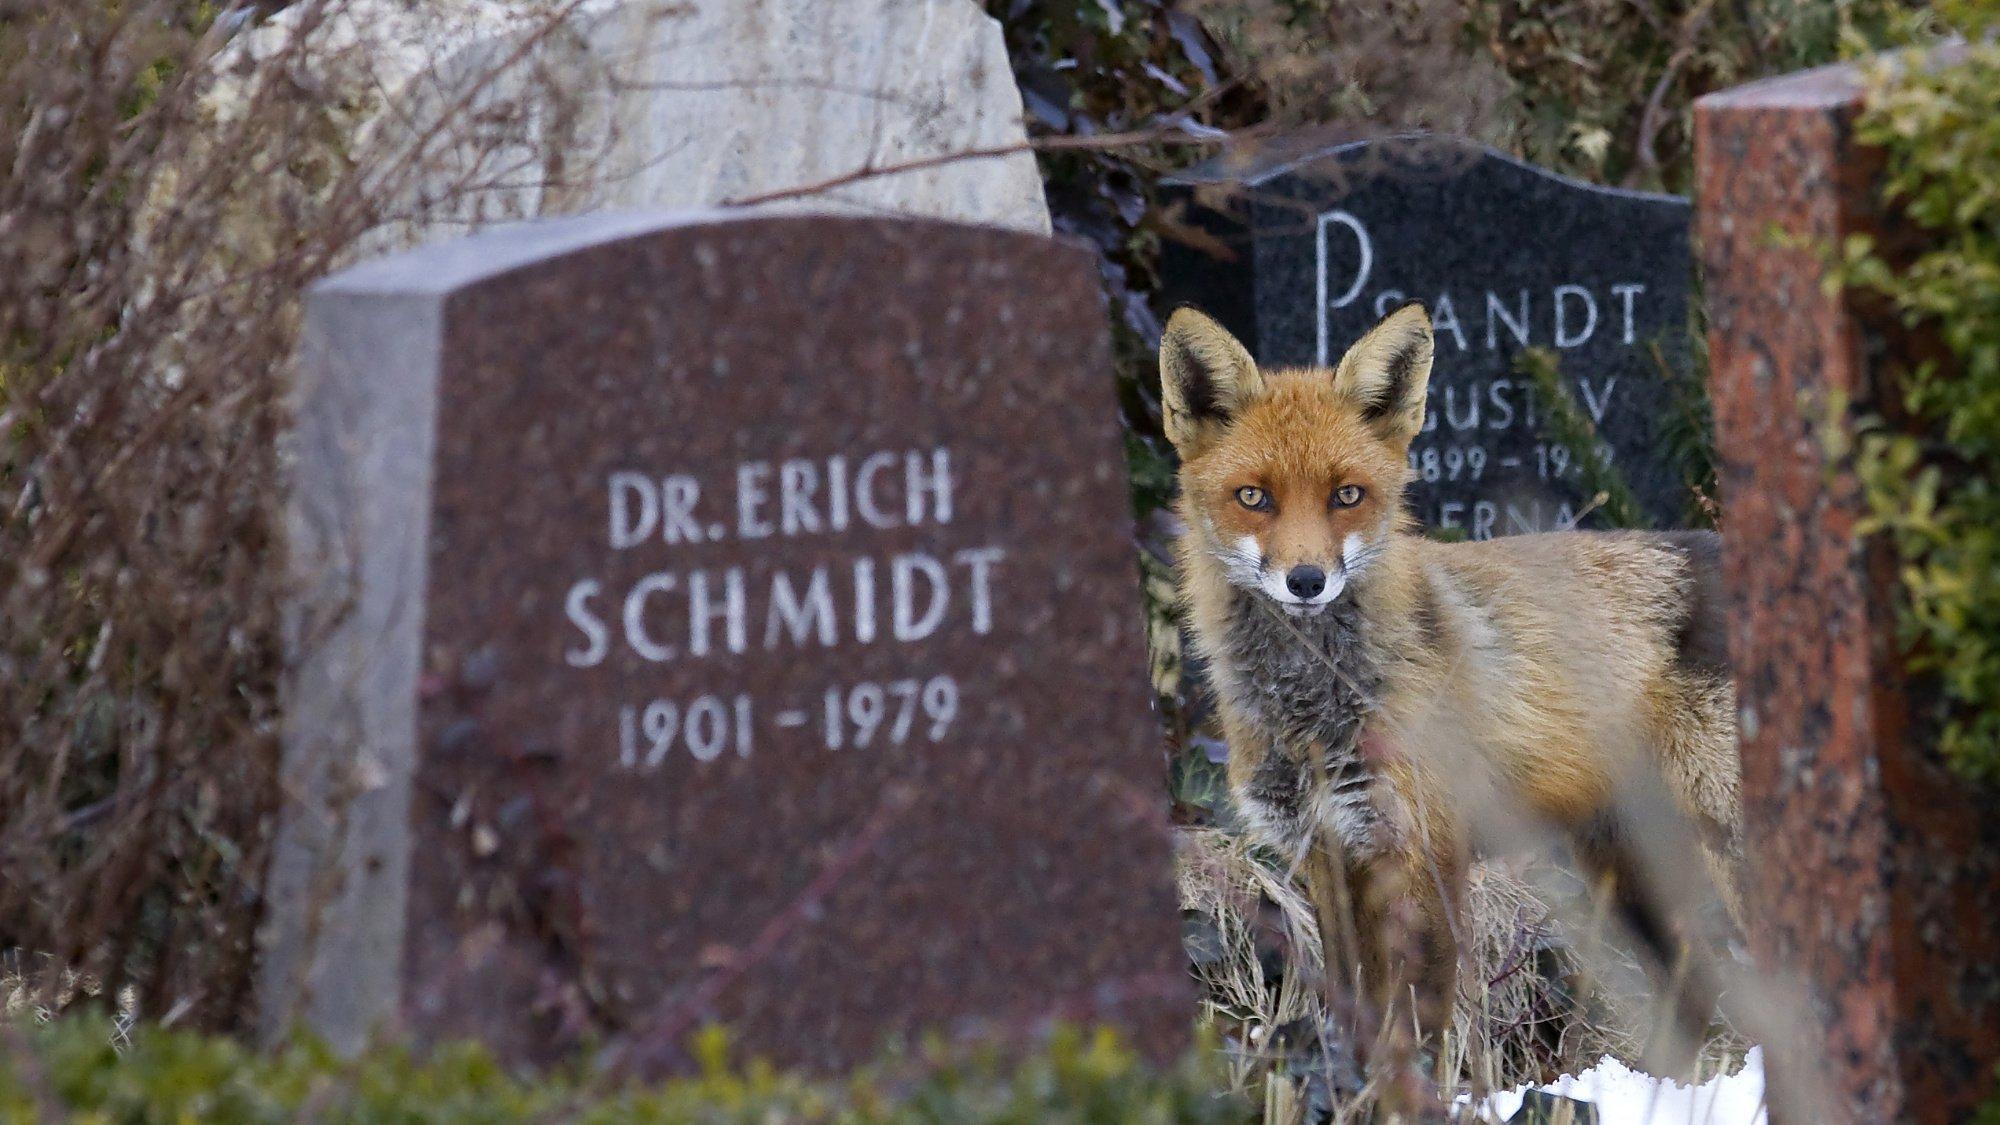 Ein Fuchs steht zwischen Grabsteinen.